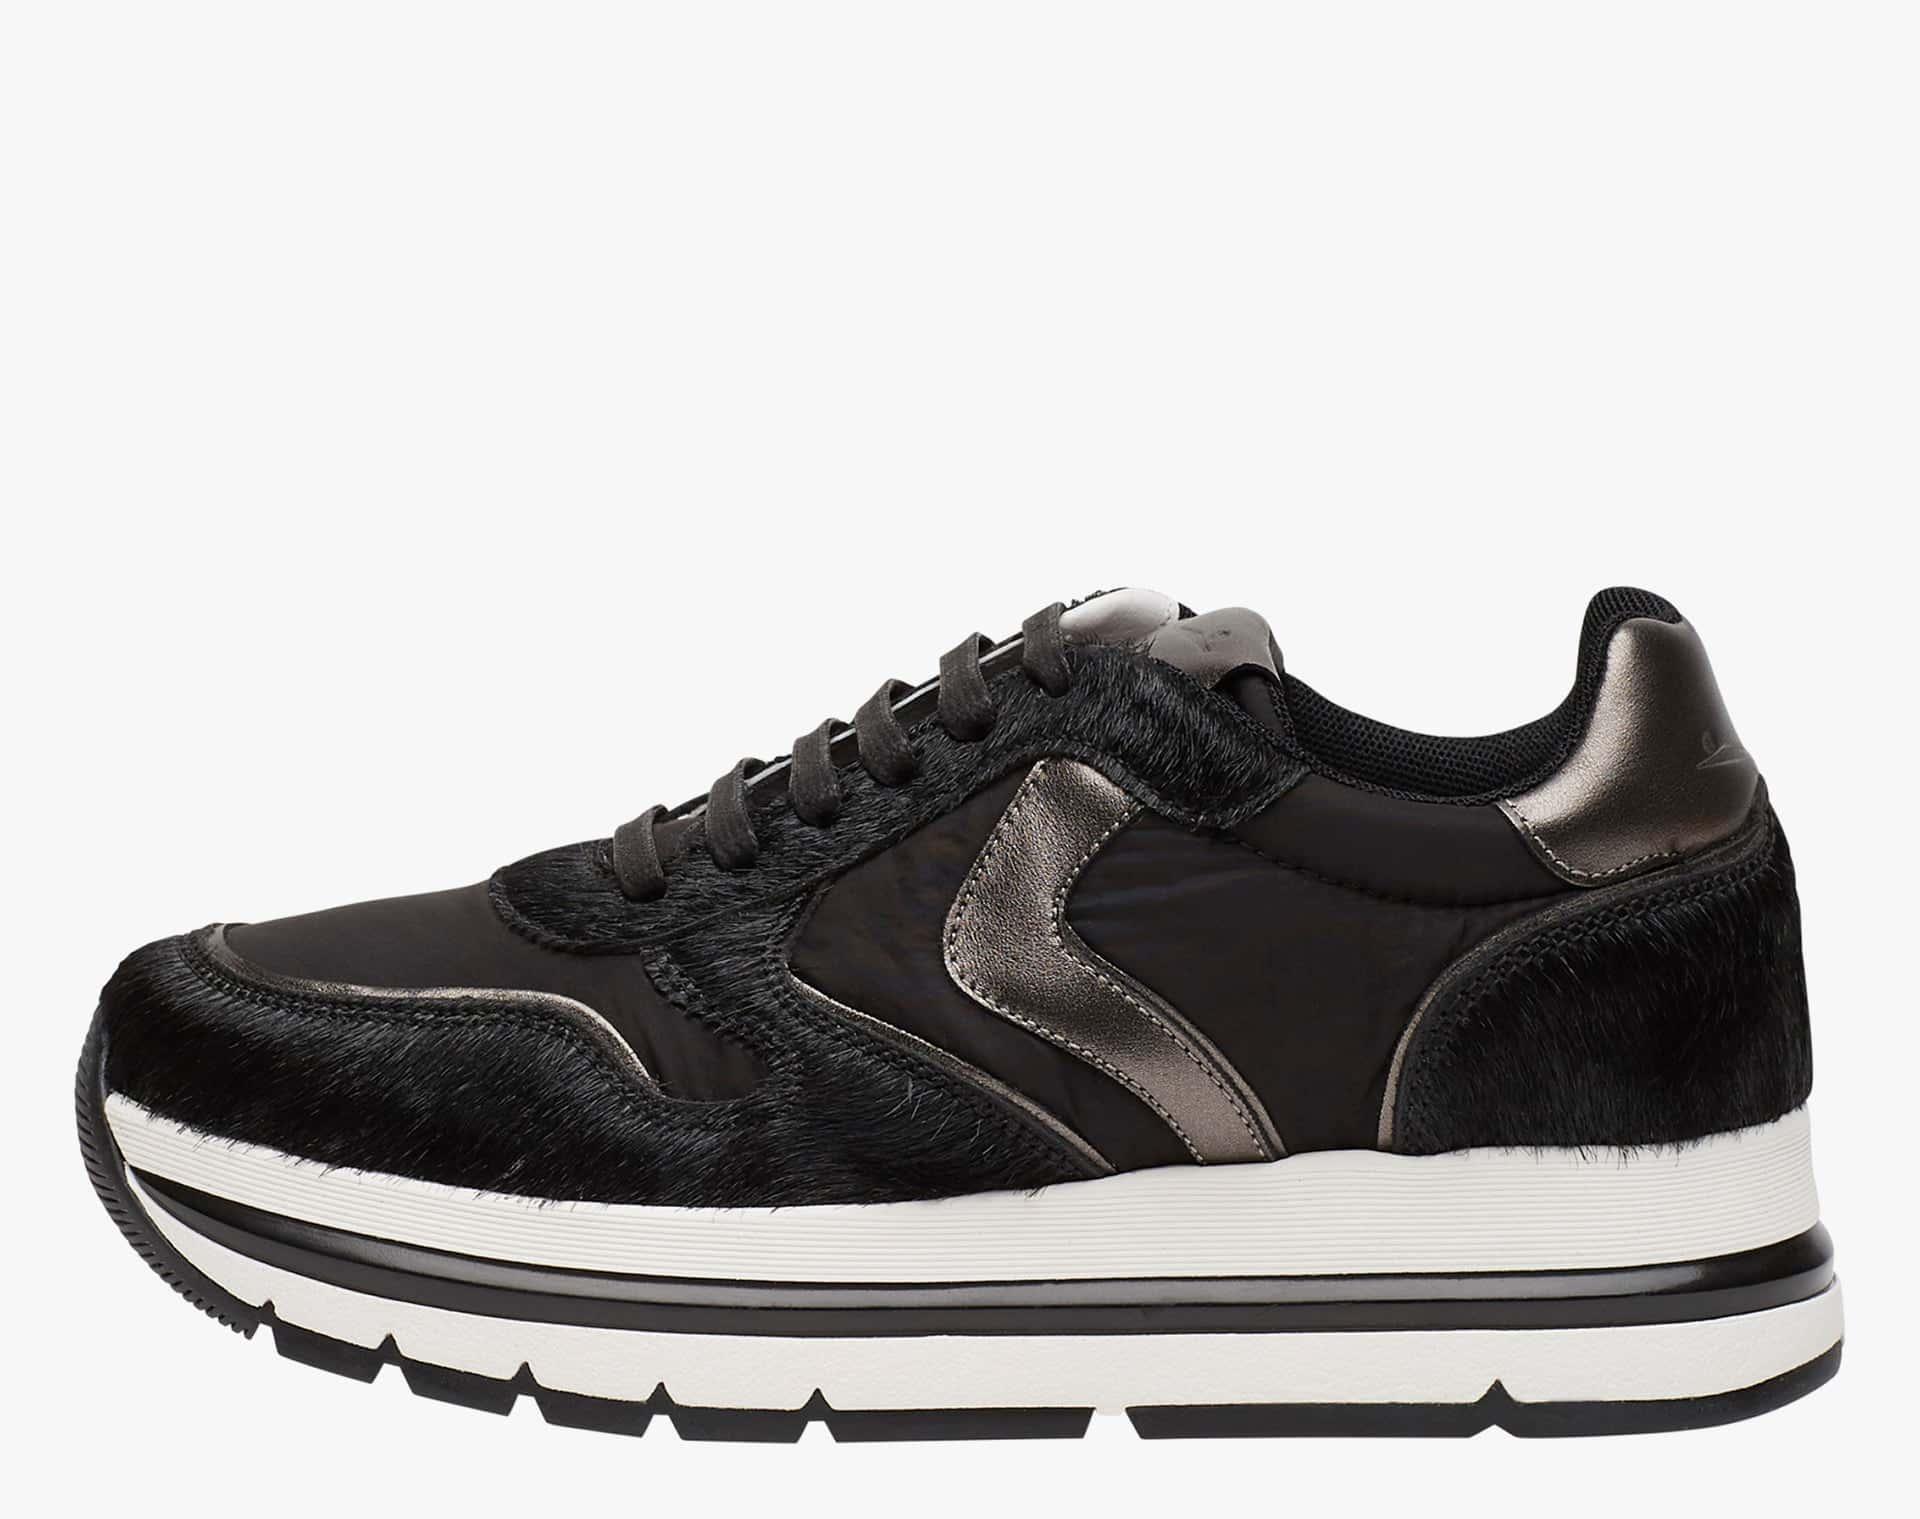 APRILLE - Sneakers in pelle e laminato - Nero